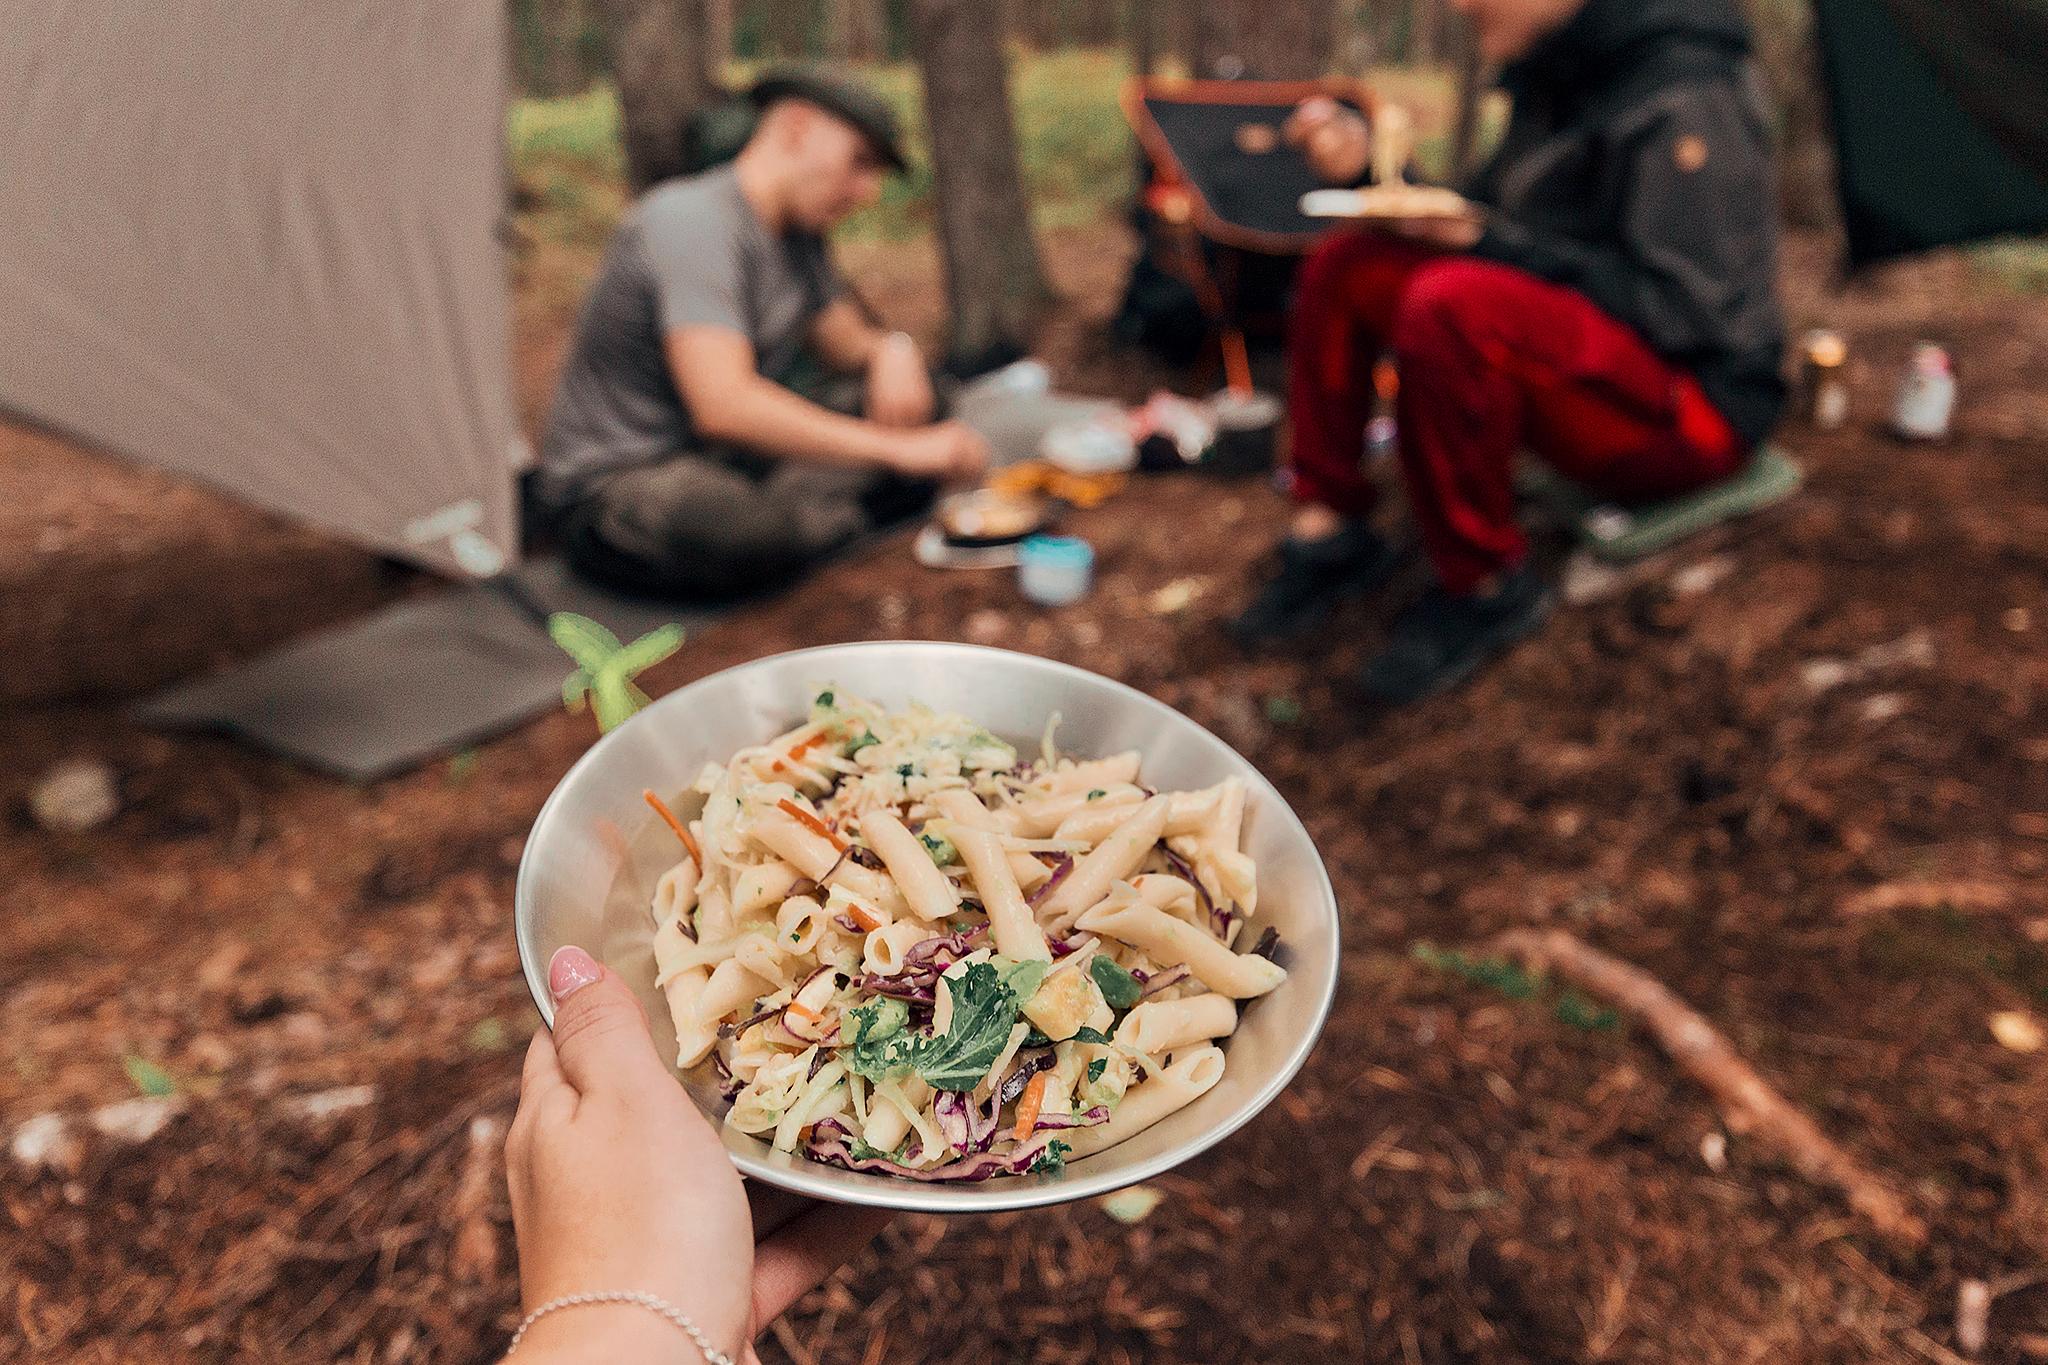 Middag i skogen